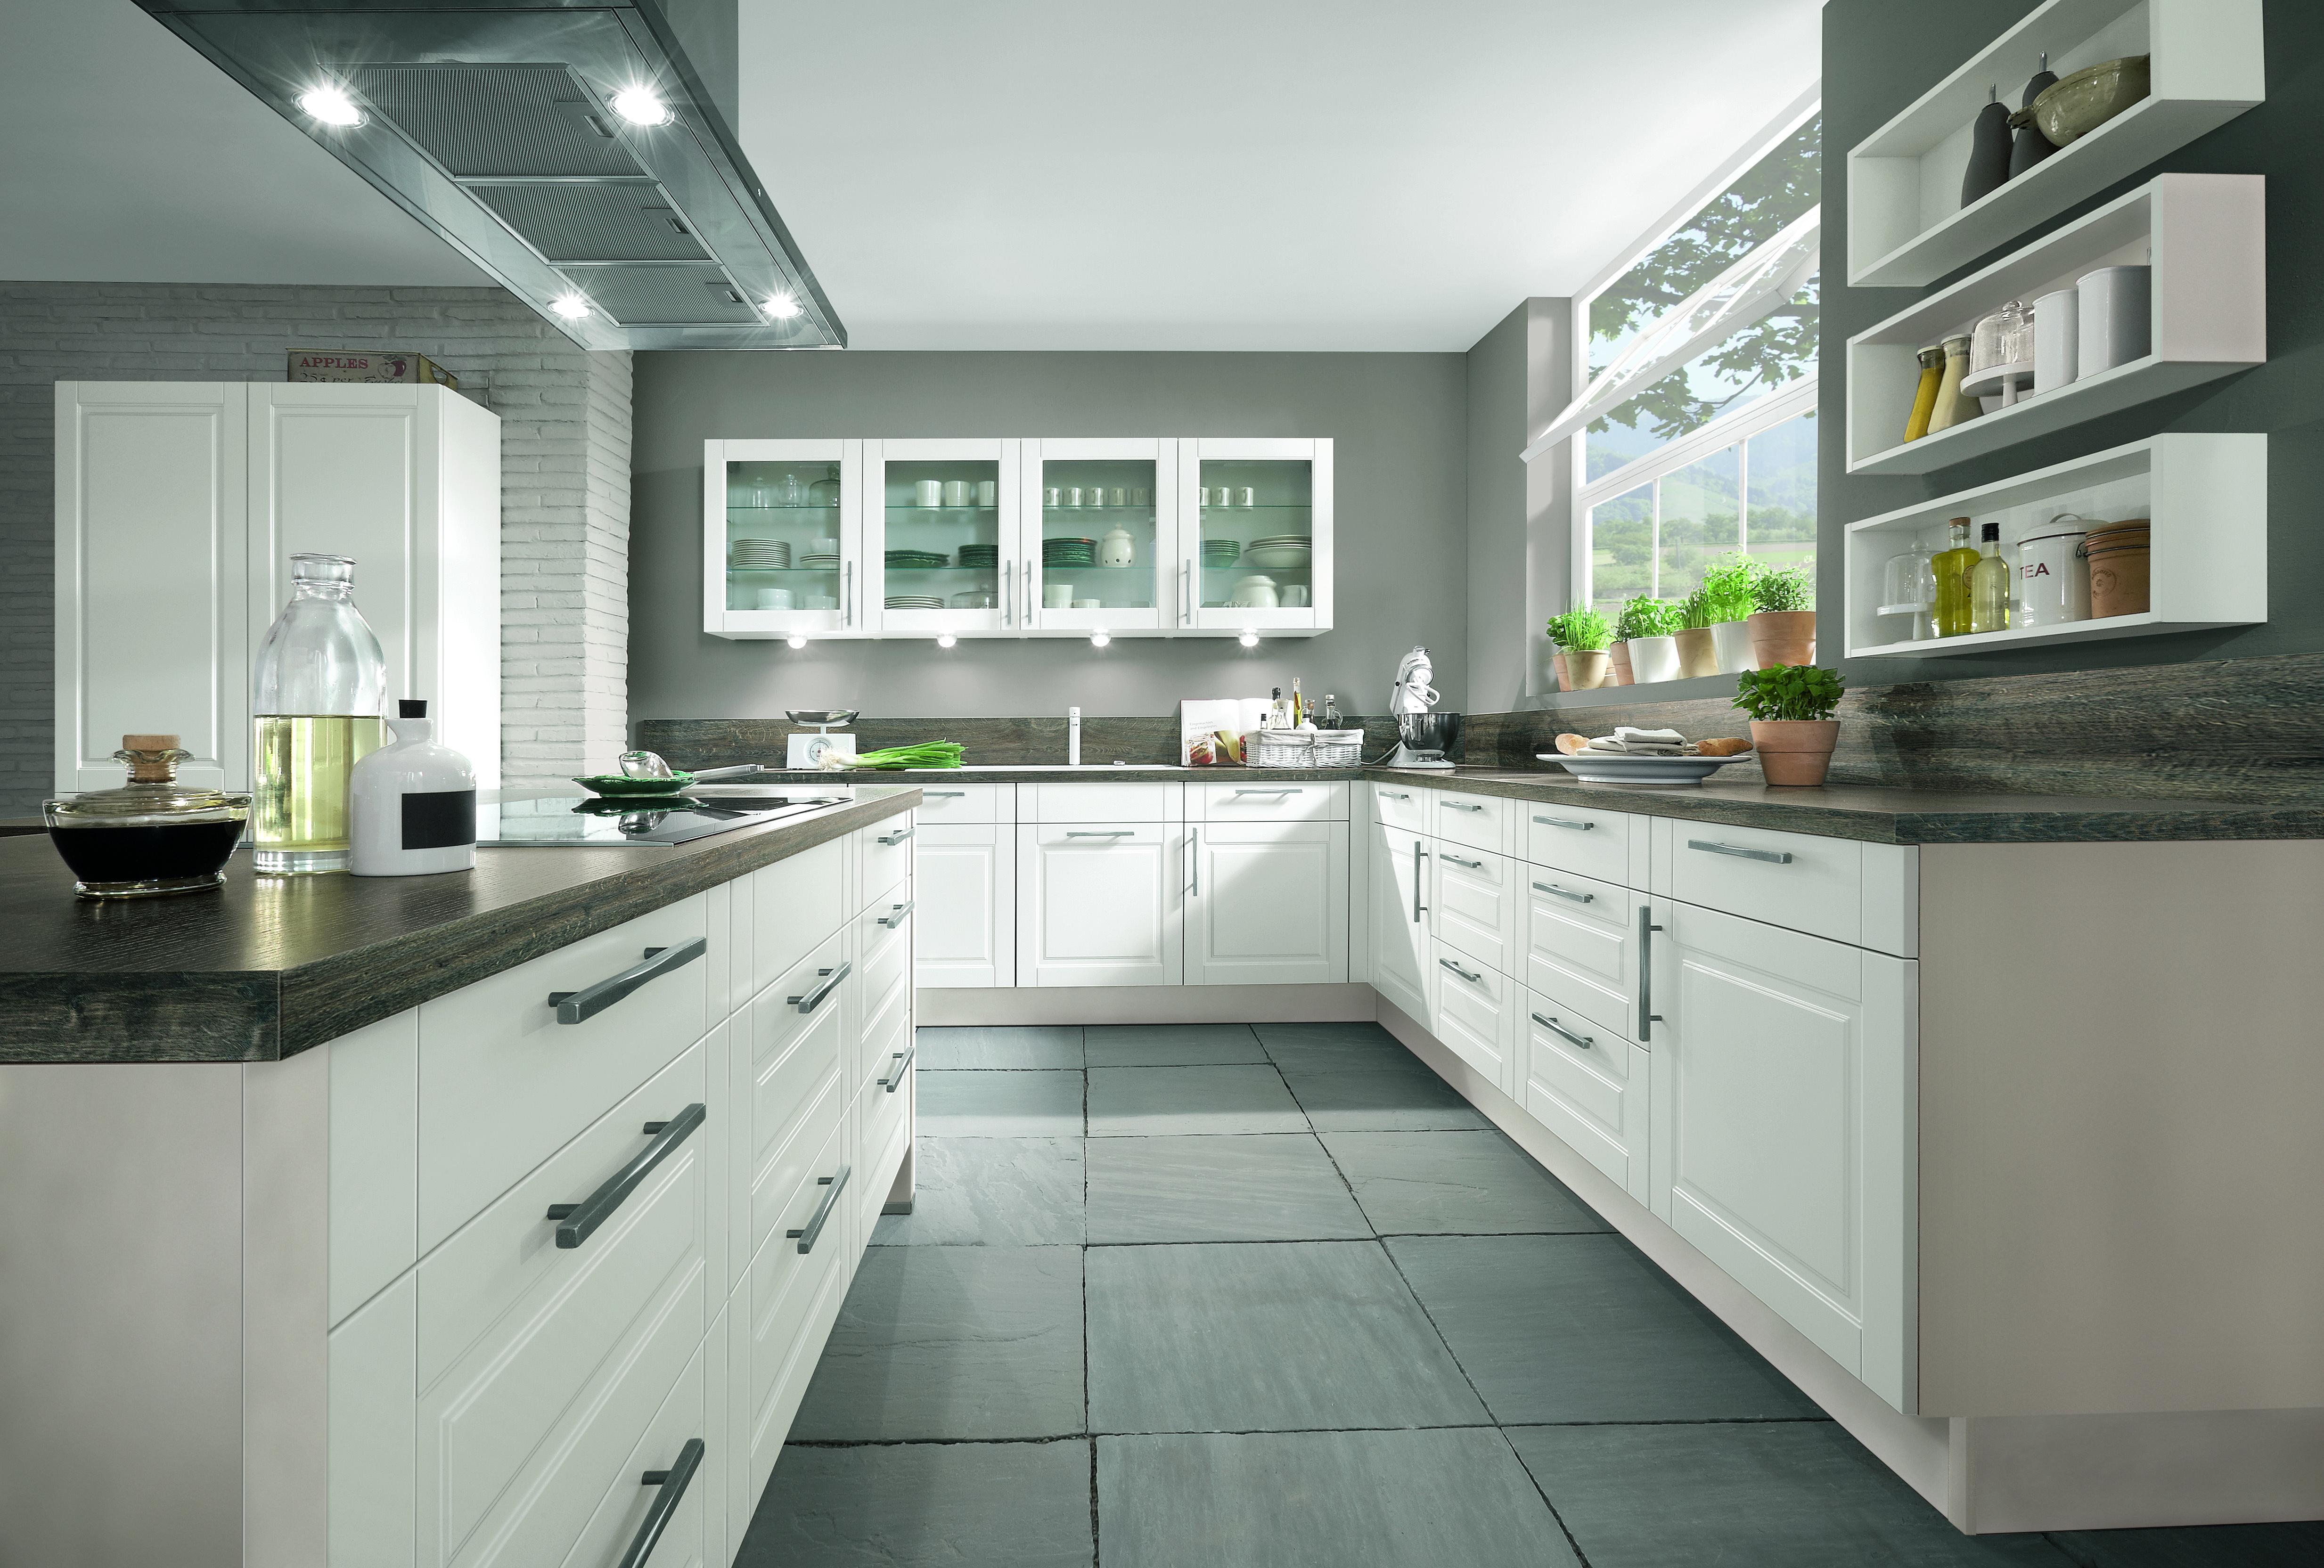 Aviano   kitchen remodeling Houston